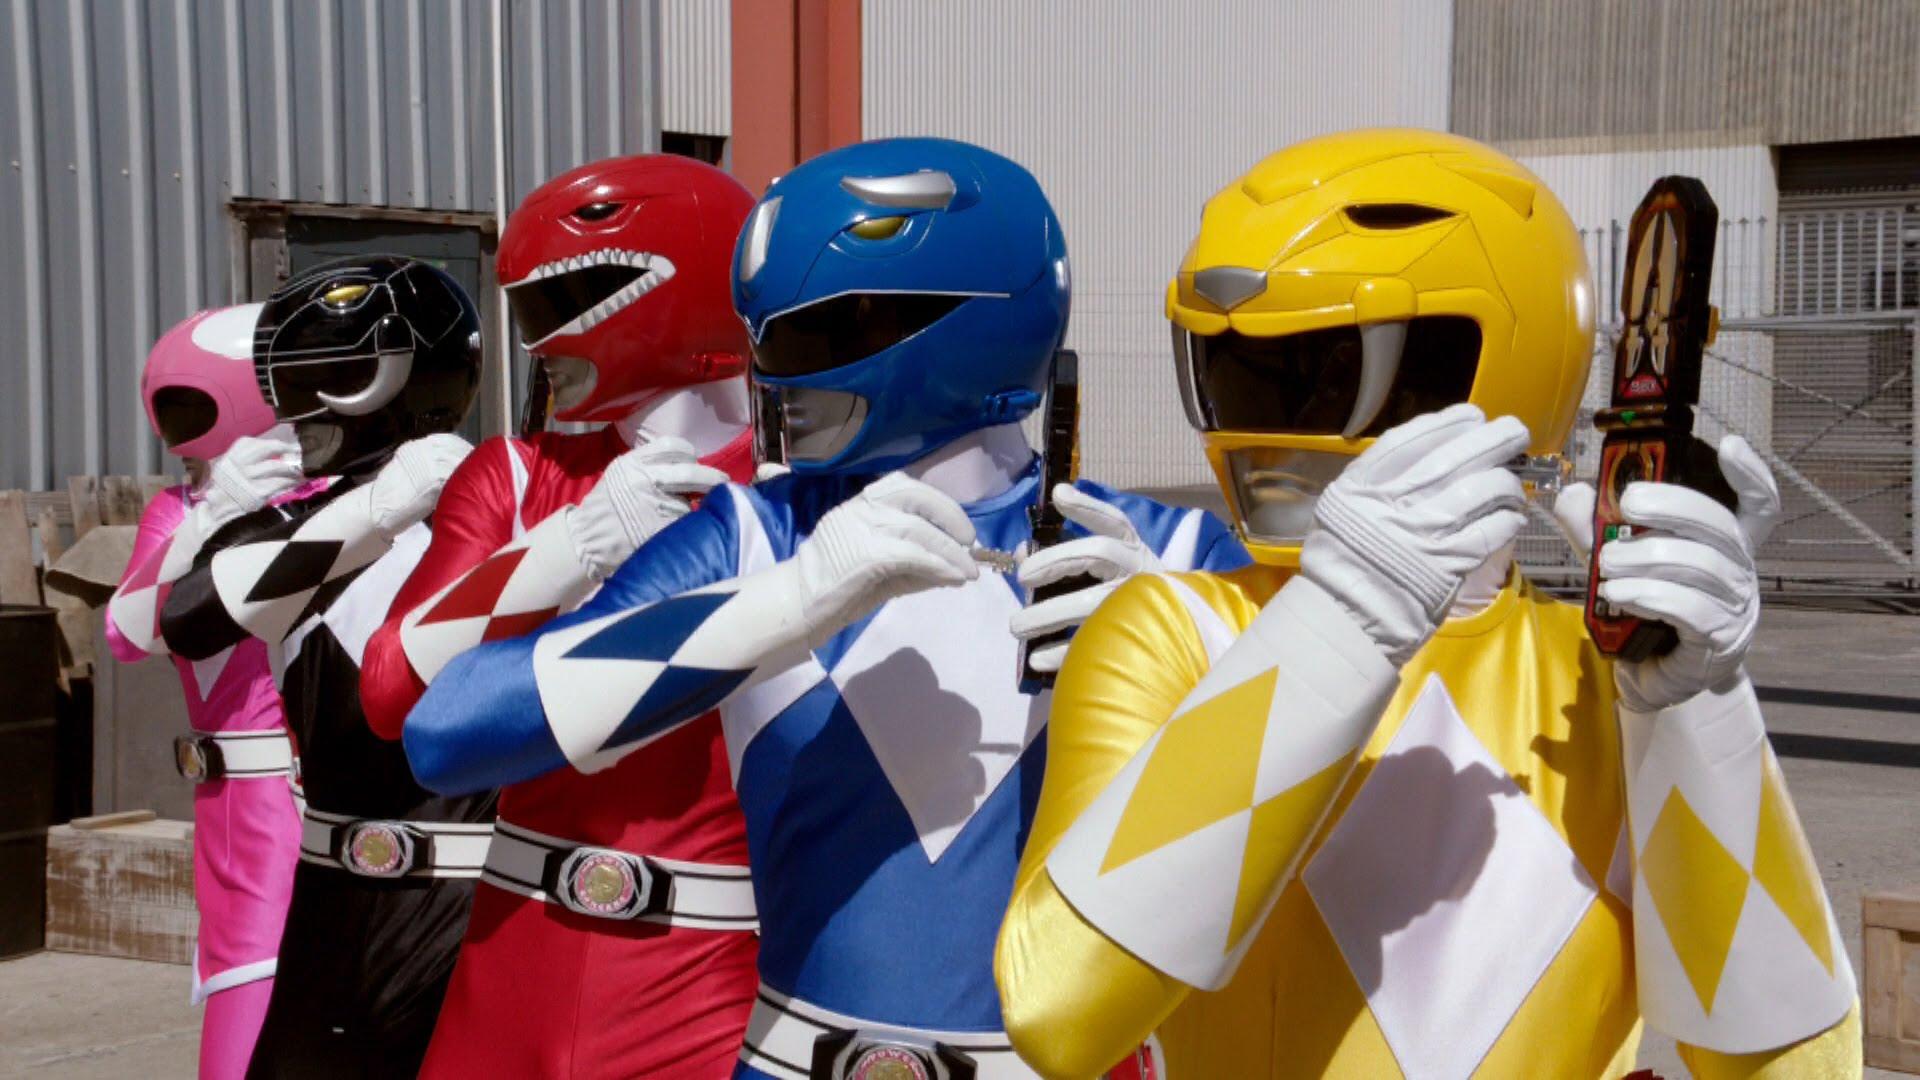 Nowi wojownicy Power Rangers w całej okazałości – oto kolejne szczegółowe zdjęcia